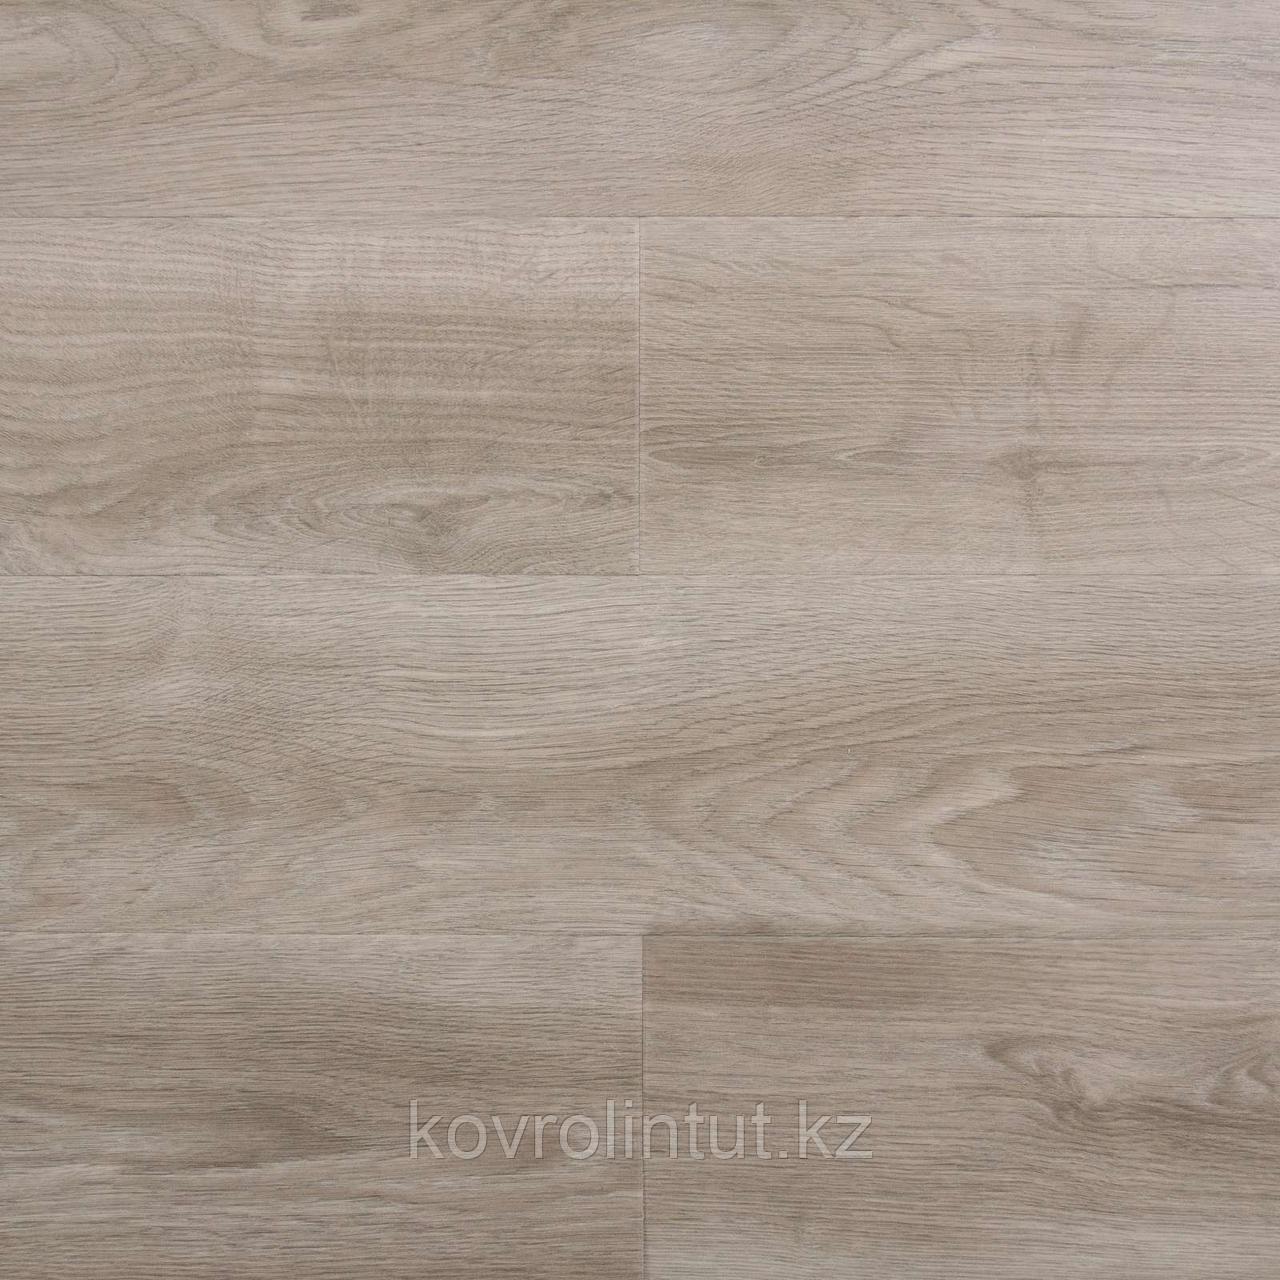 Плитка ПВХ клеевая IVC Divino Somerset Oak 52932Q